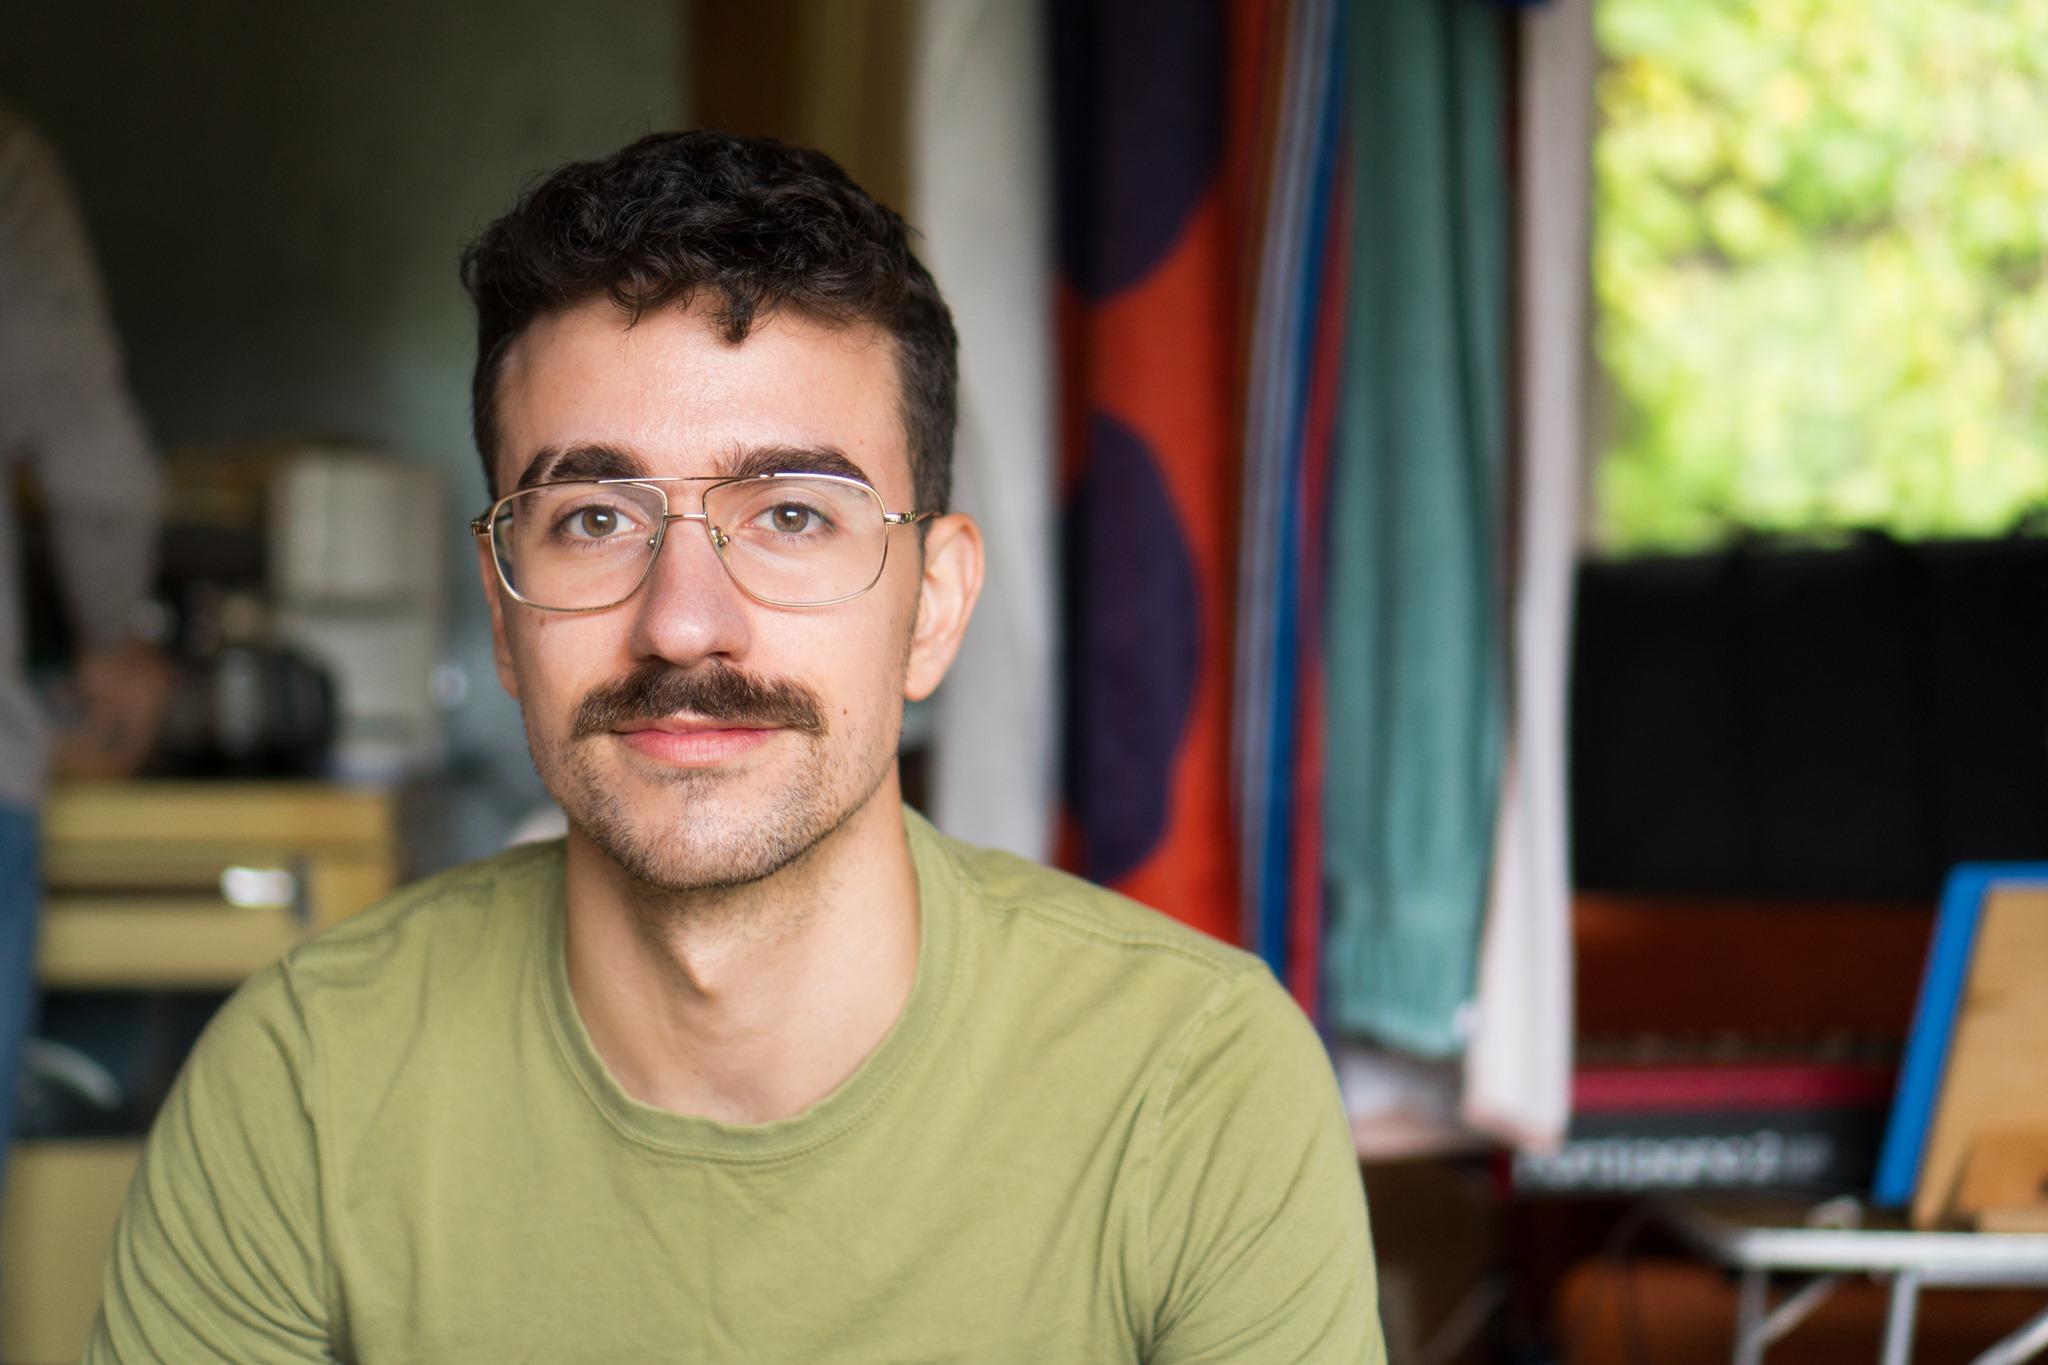 Mathieu Samson